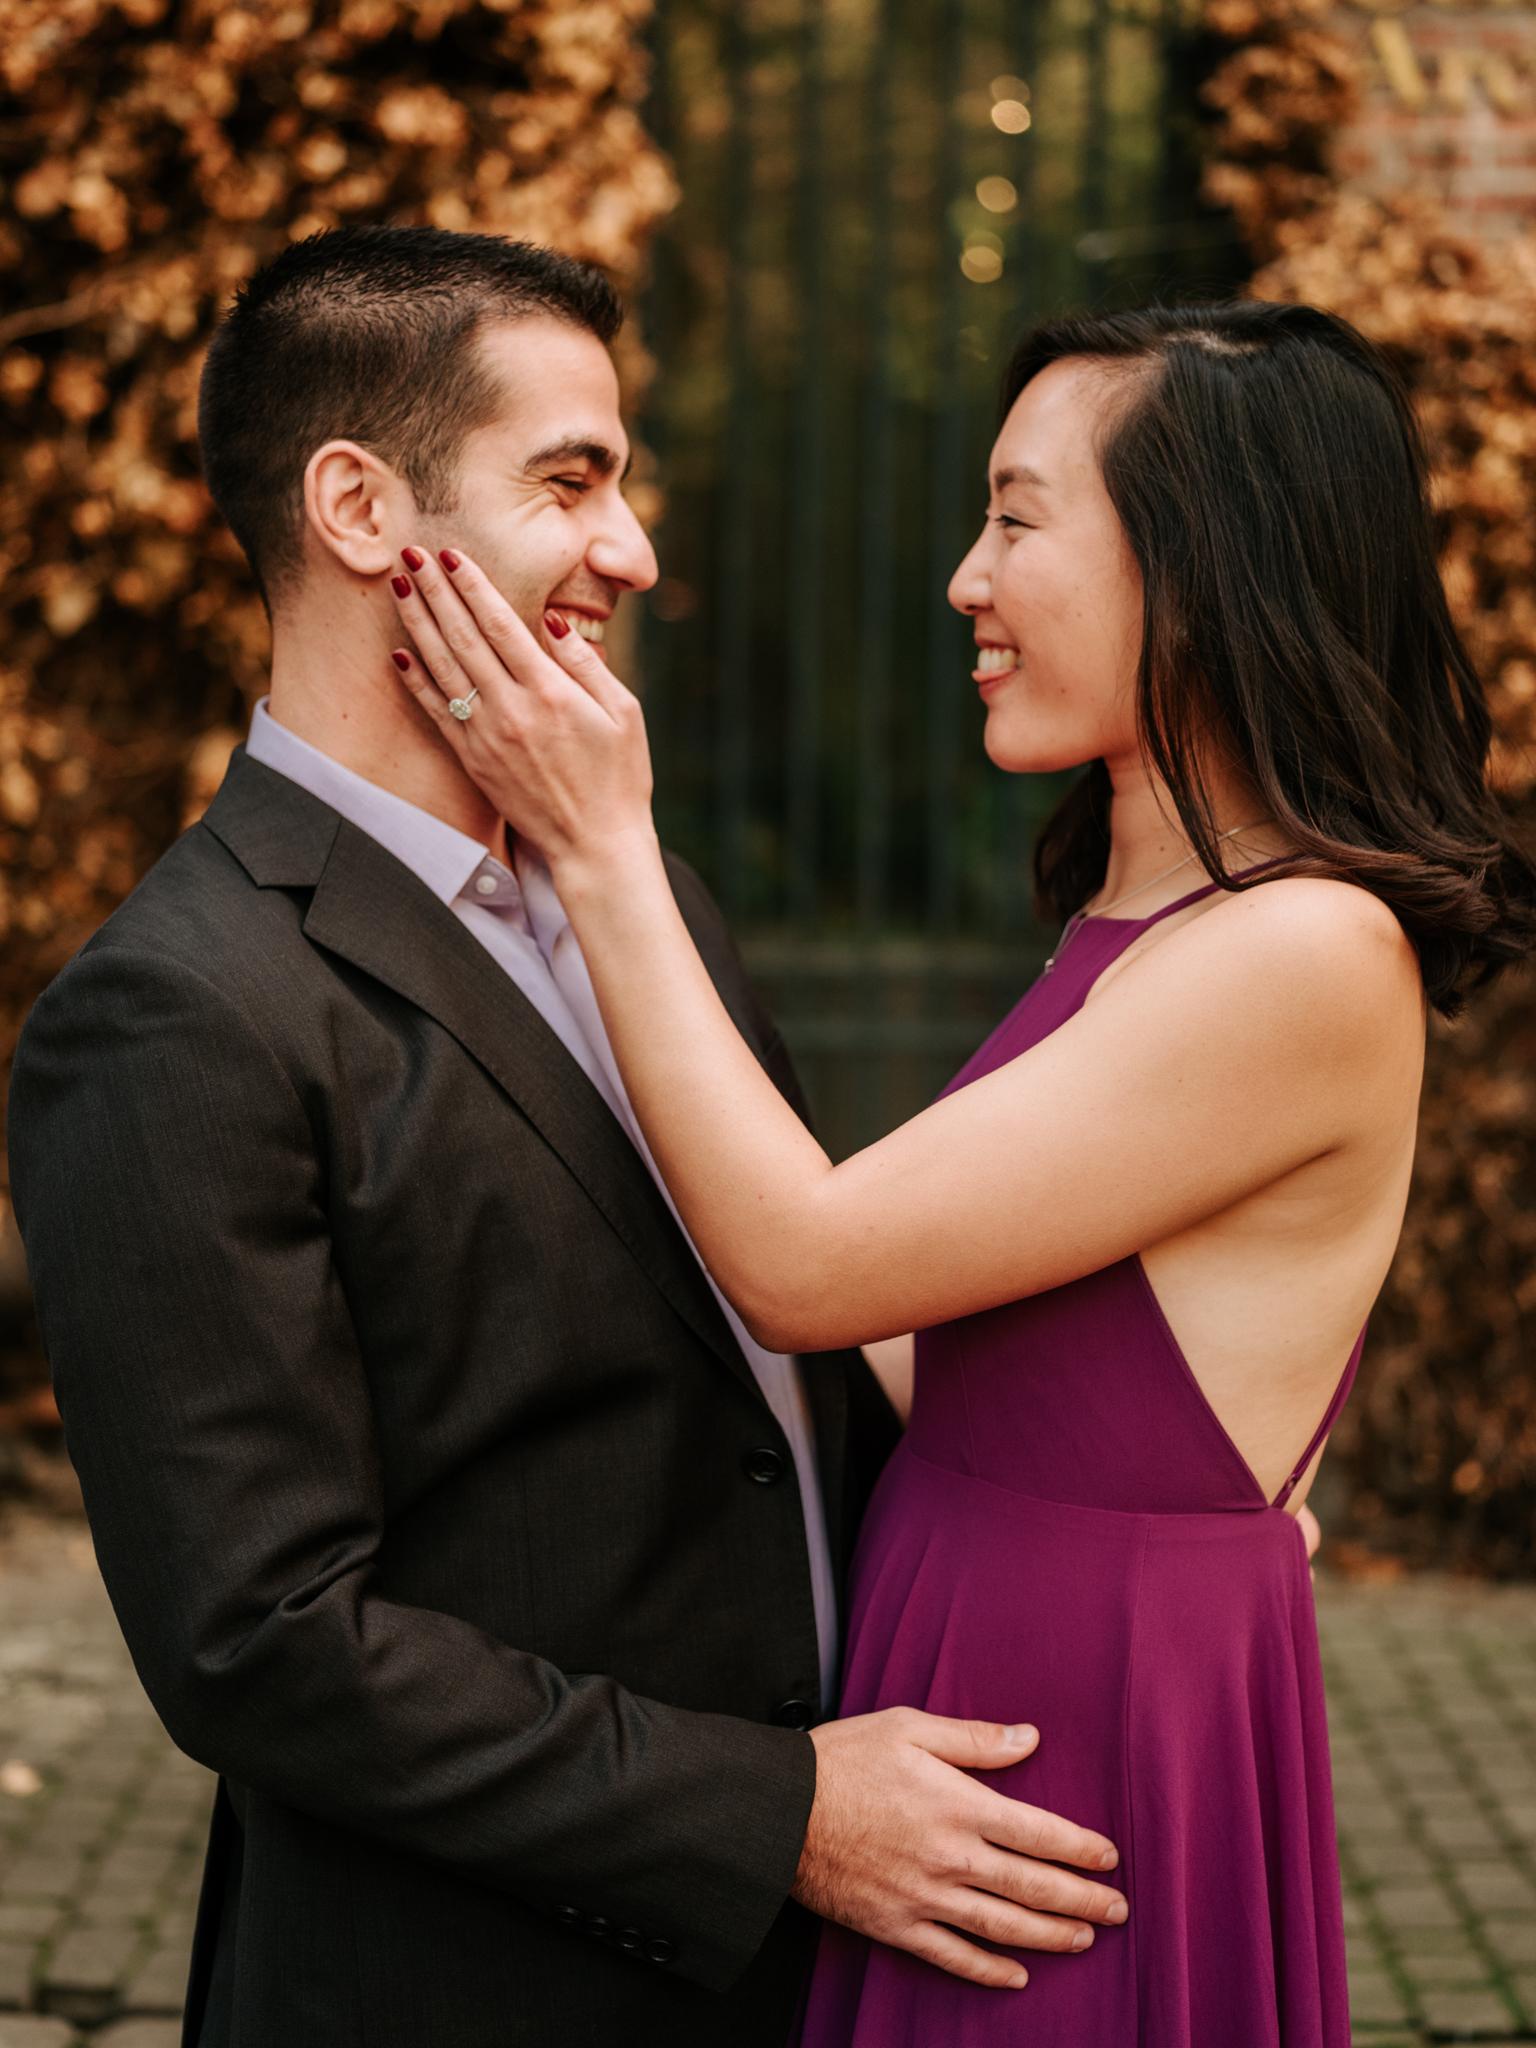 Seattle Engagement Photographer_Stolen Glimpses 13.jpg